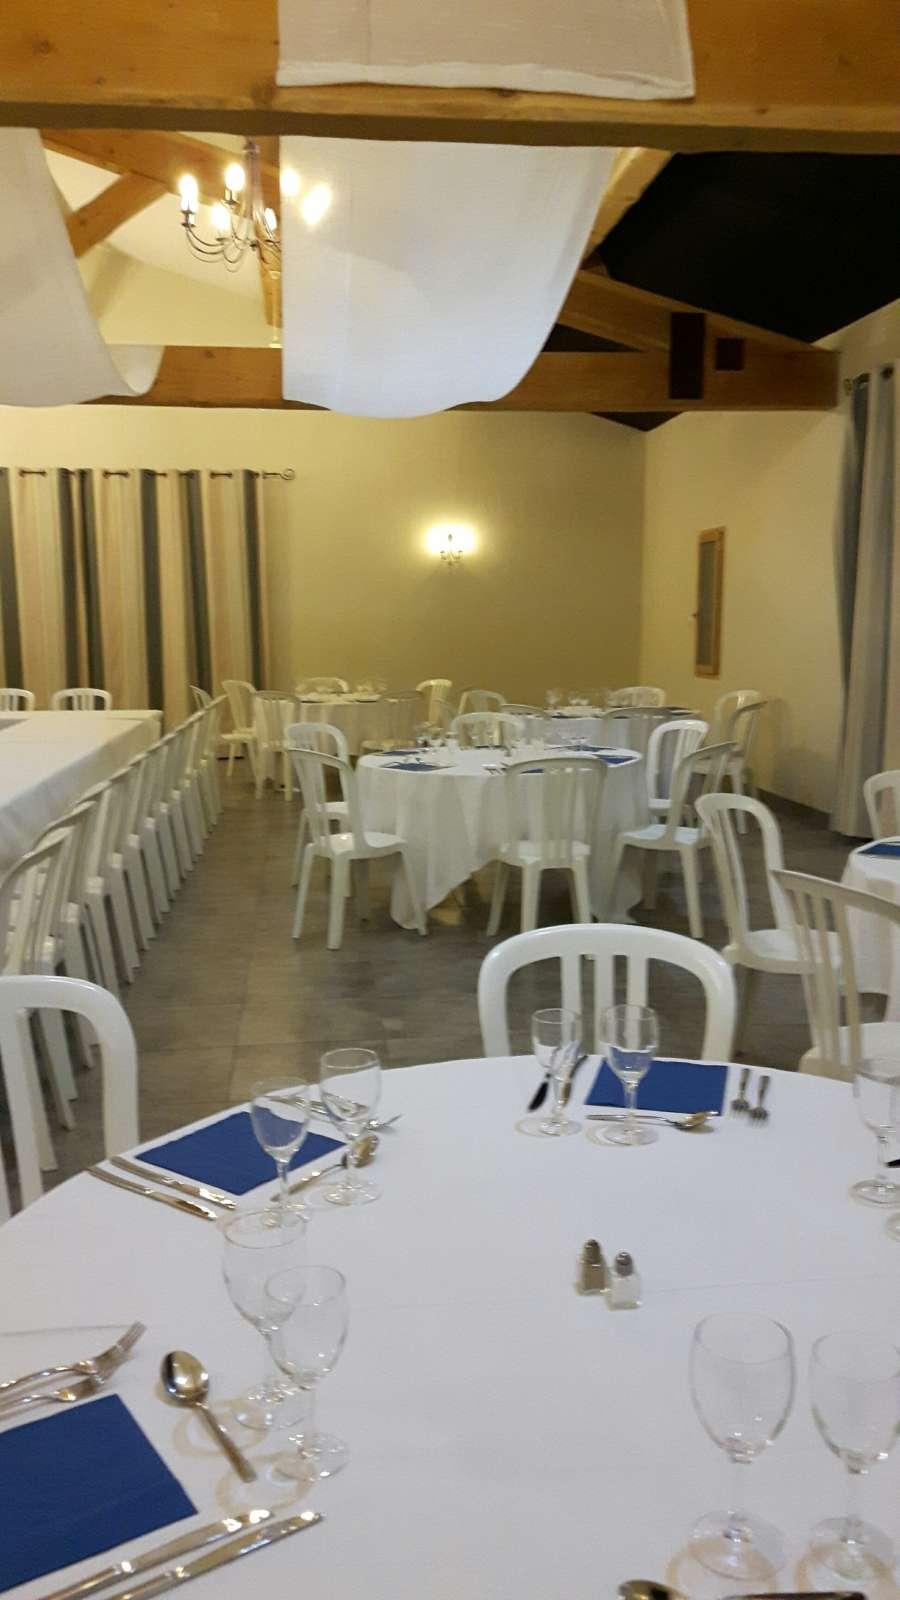 Location de salle pour repas d 39 association saint r my de provence salle de mariage saint - Association salon de provence ...